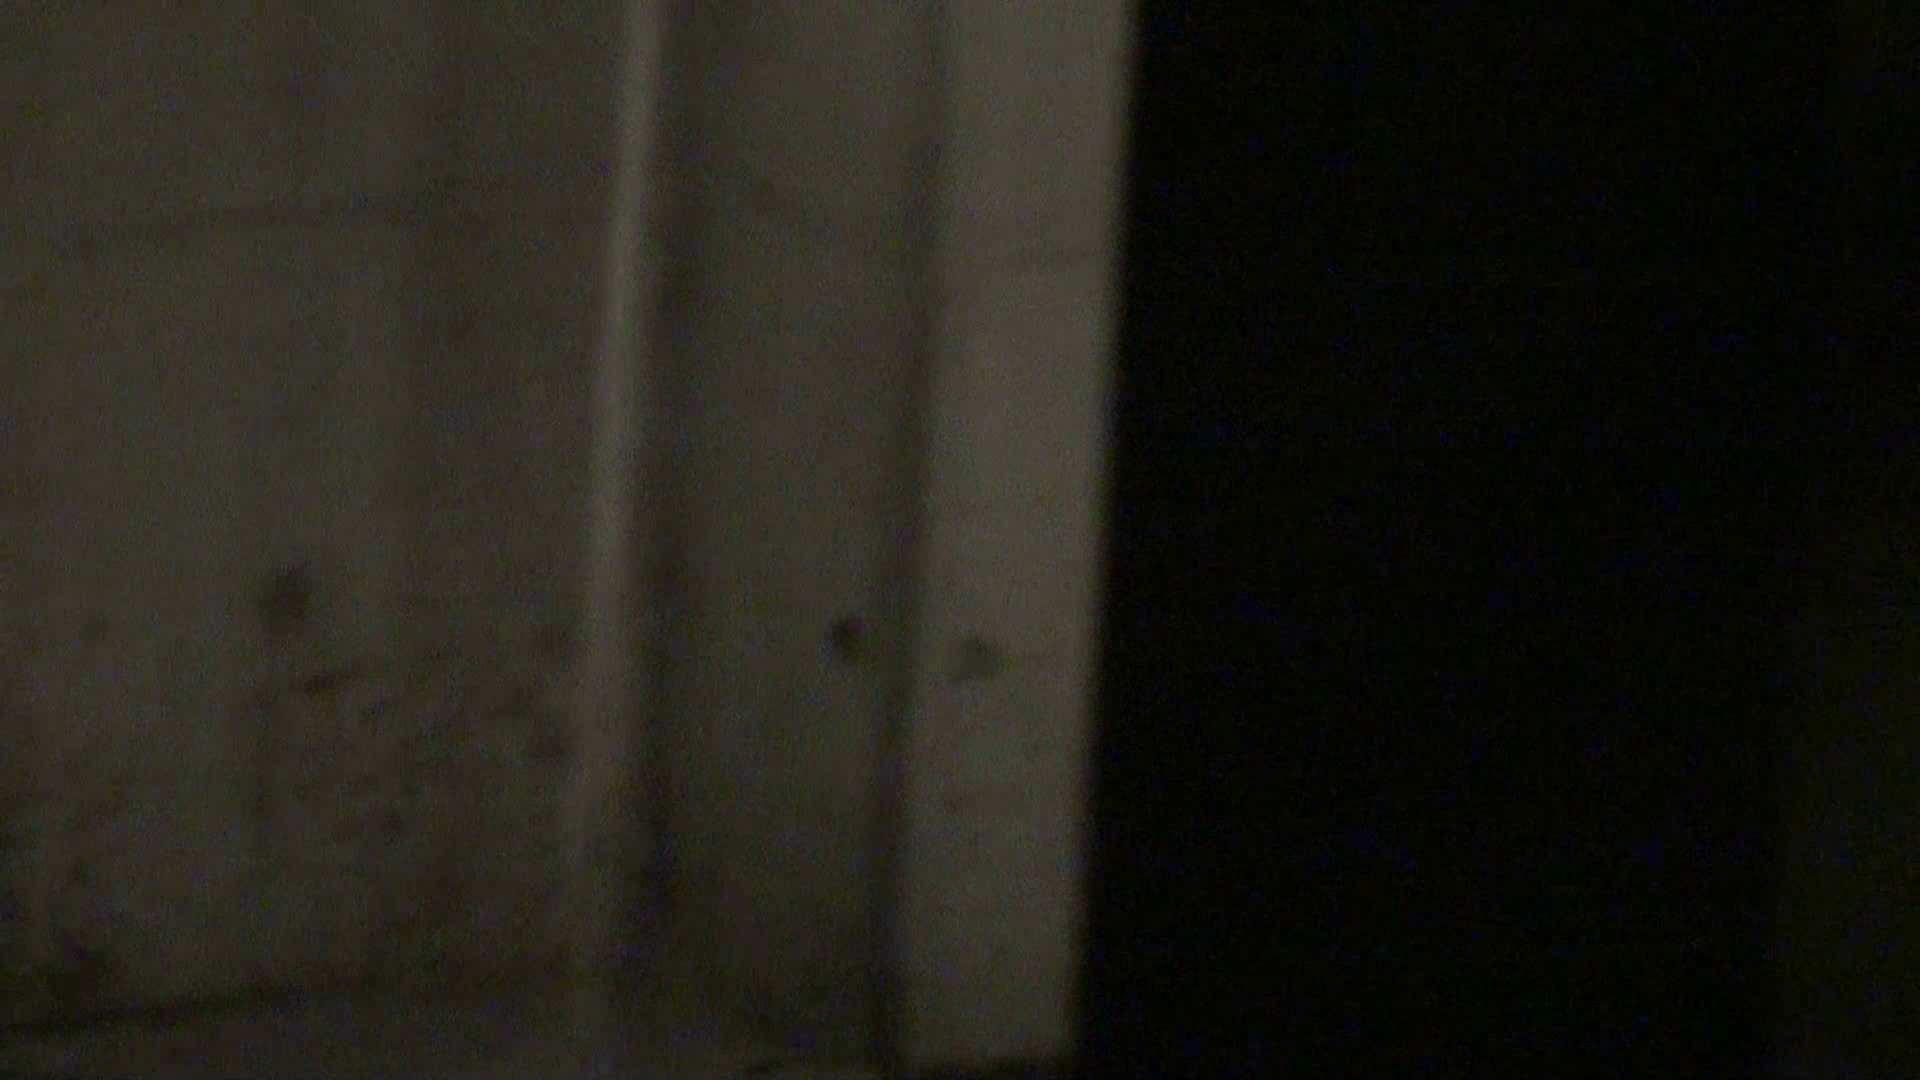 Aquaな露天風呂Vol.337 盗撮師作品 | 美しいOLの裸体  94pic 19